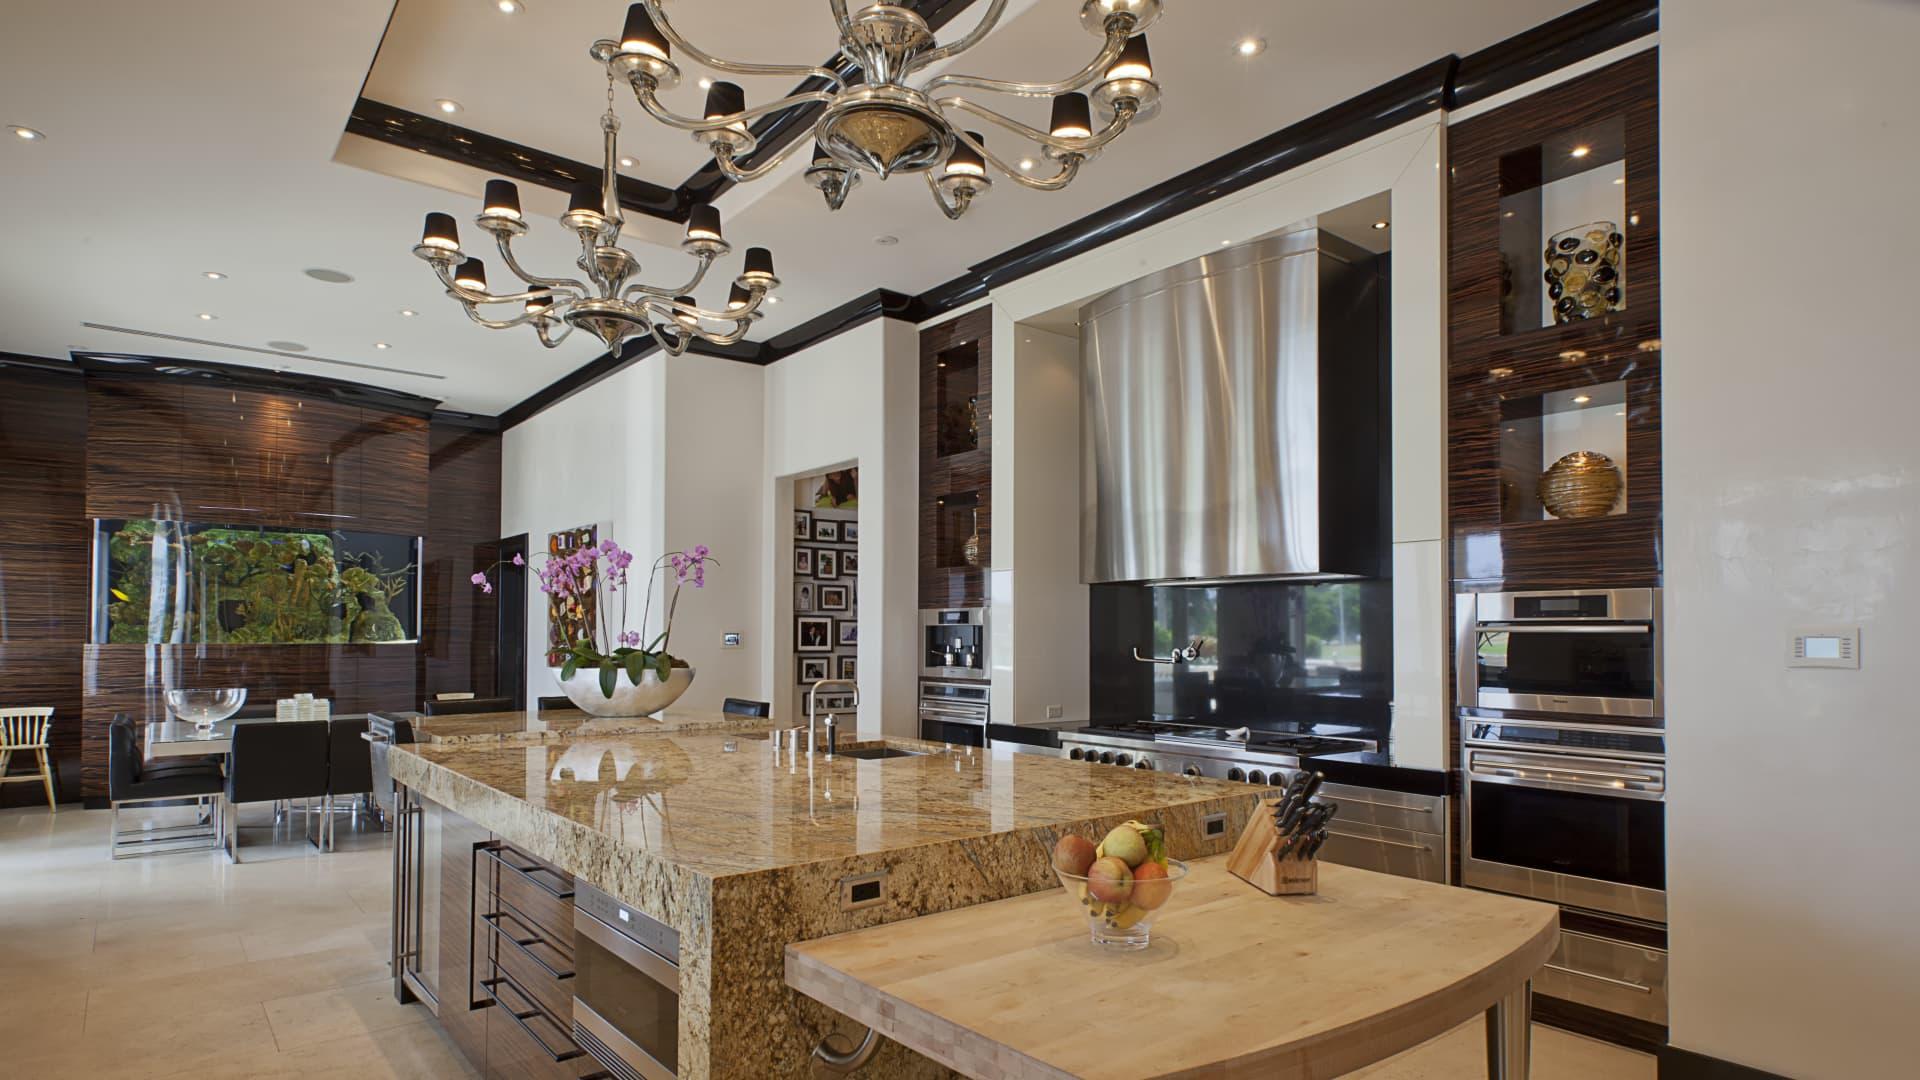 Villa Magnolia's kitchen includes a 750-gallon saltwater fish tank.